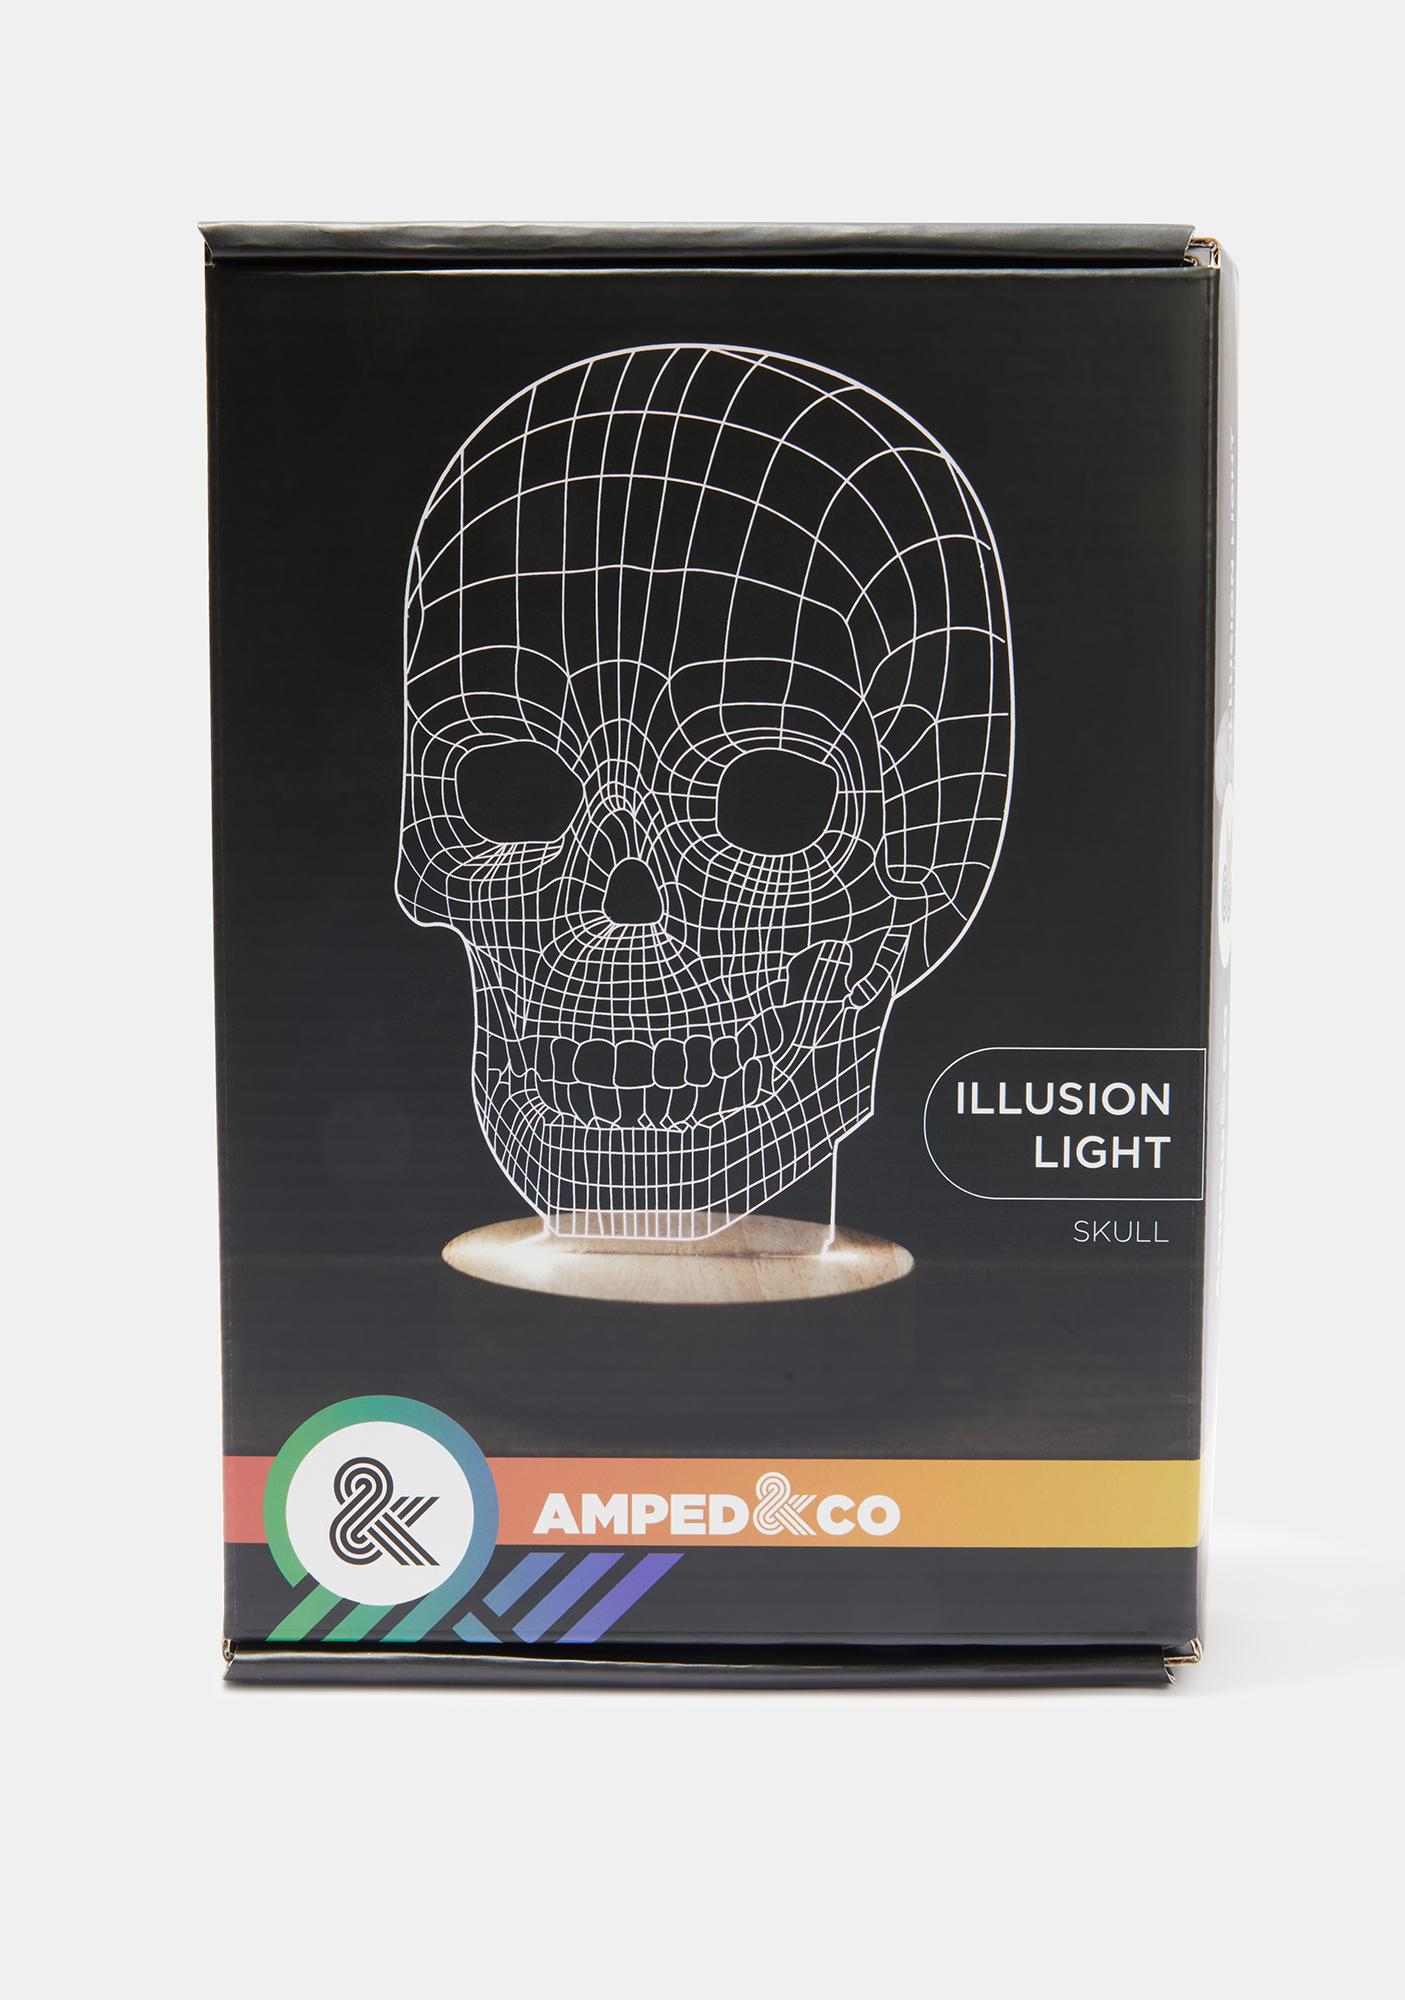 Amped & Co Skull Illusion Light